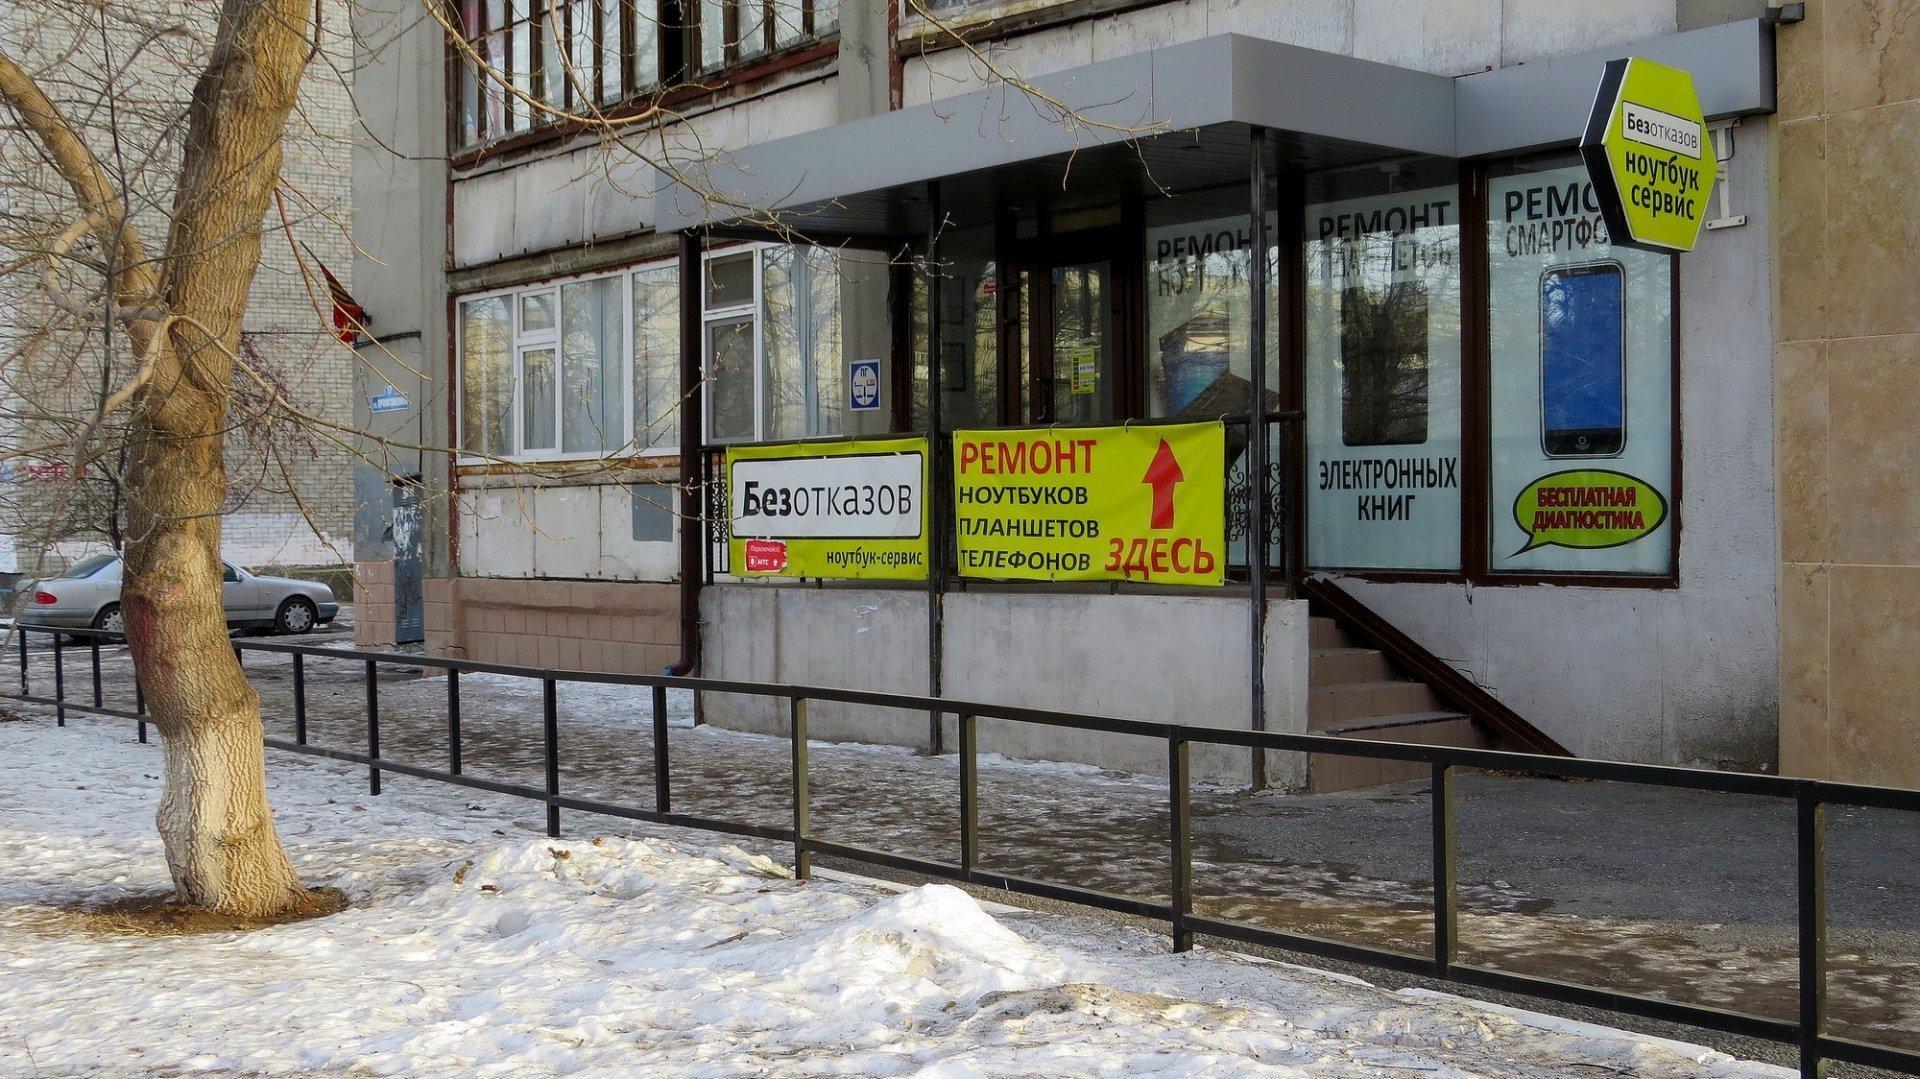 фотография Сервисный центр по ремонту ноутбуков и телевизоров Безотказов